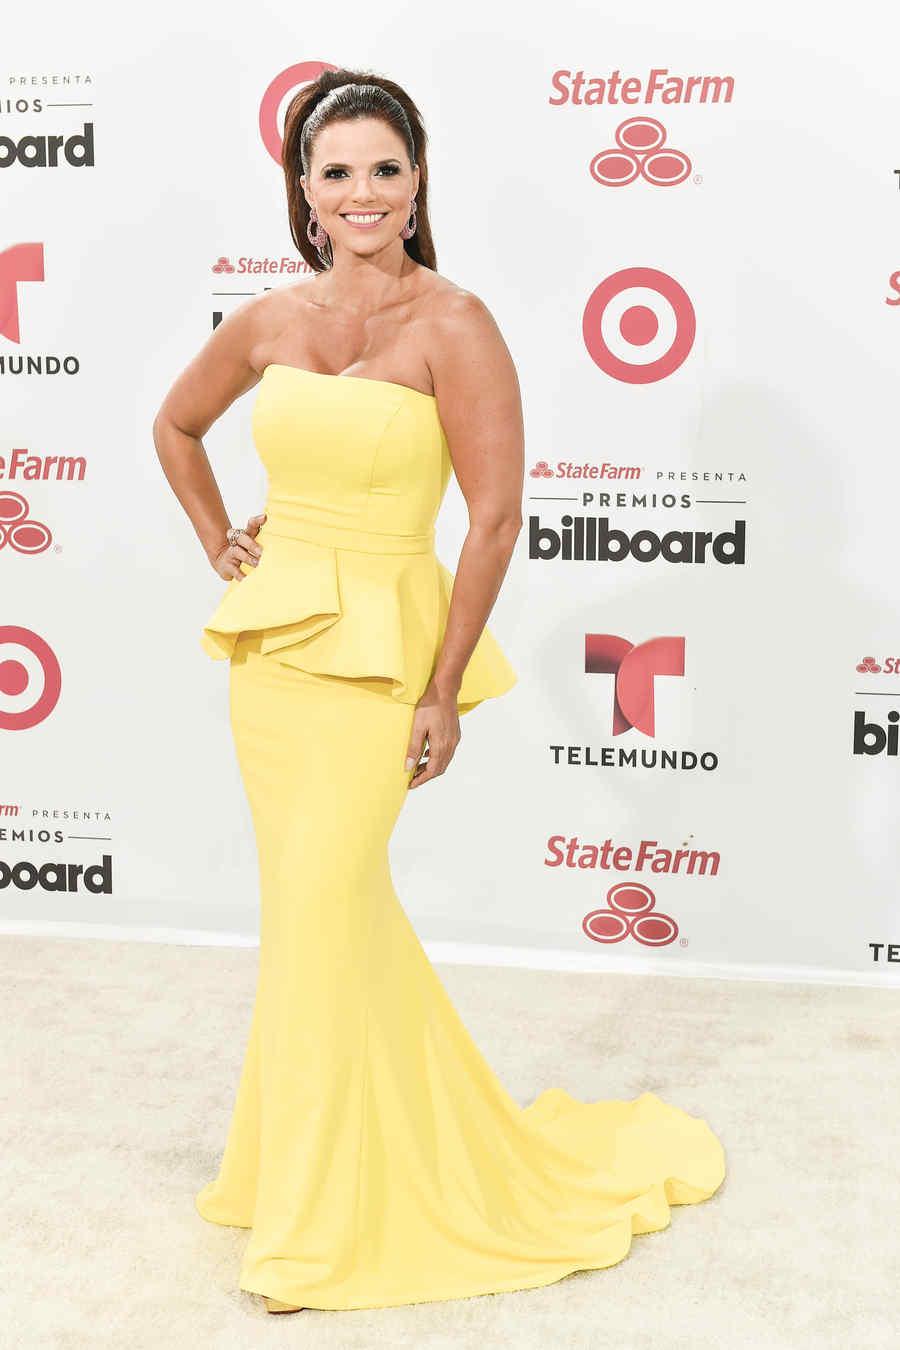 Rashel Díaz en la alfombra blanca de Premios Billboard 2015